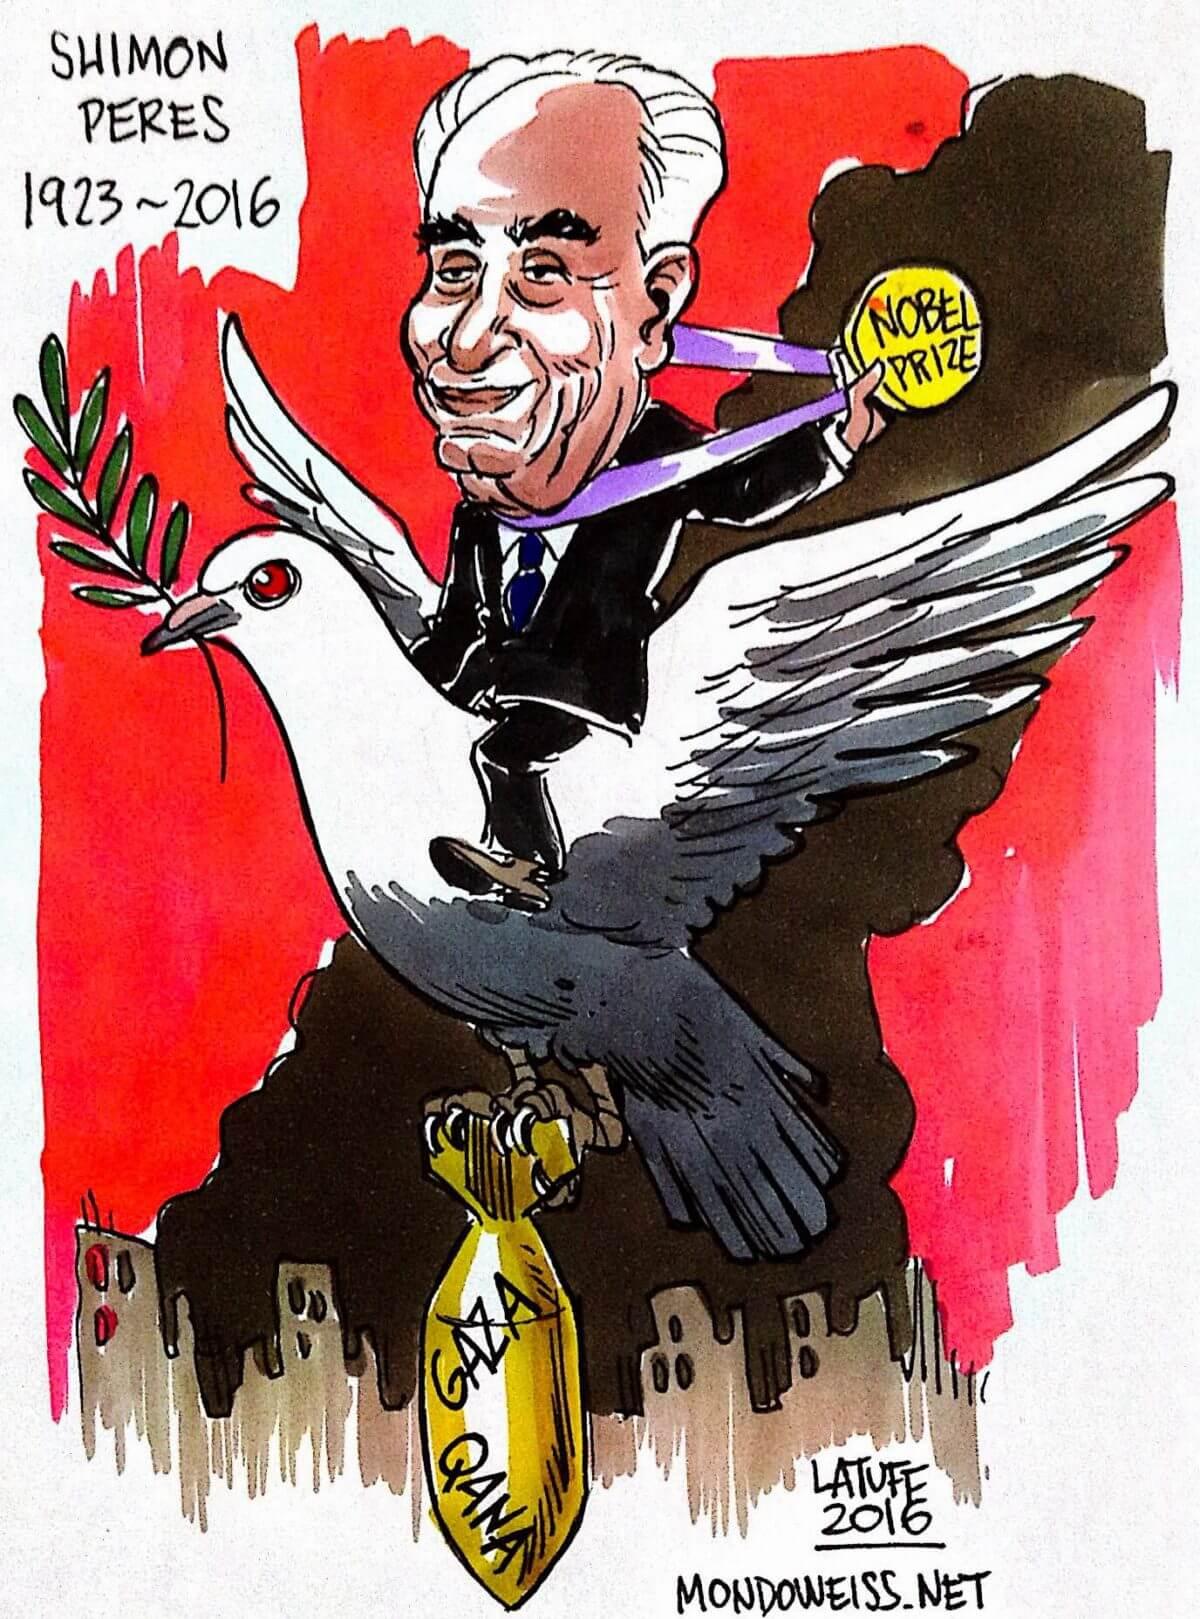 (Image: Carlos Latuff)